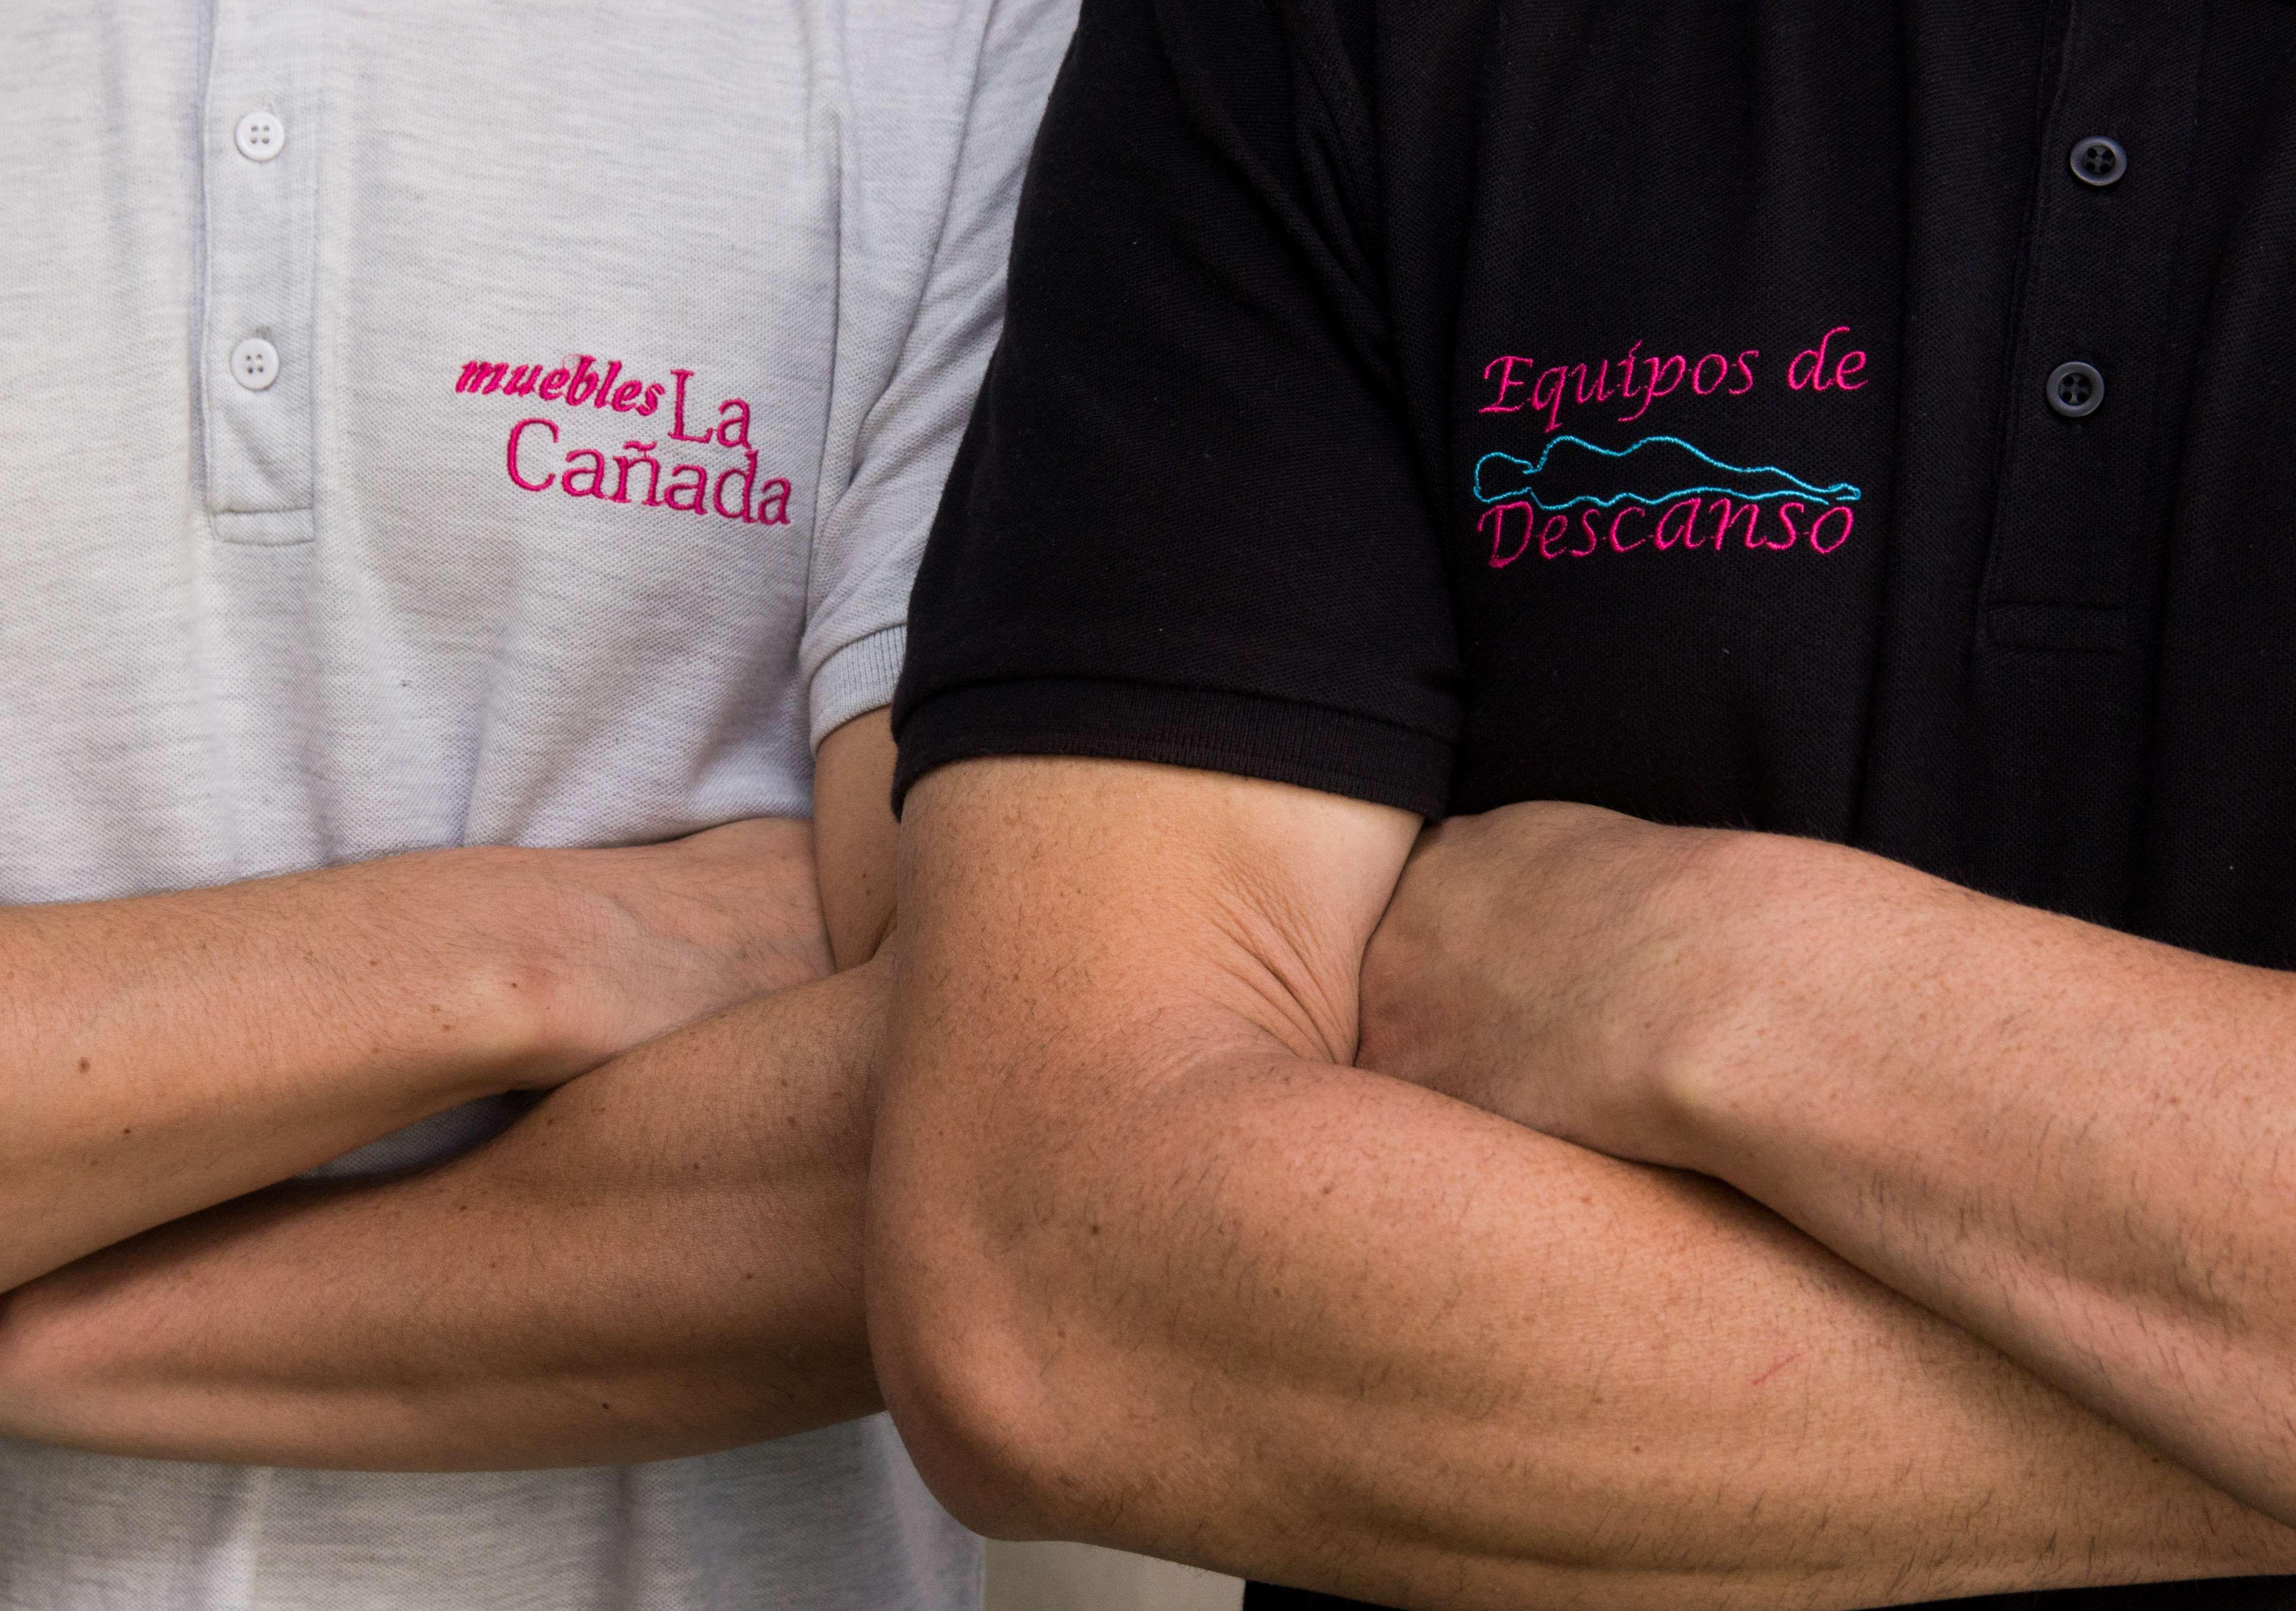 Foto 37 de Especialistas en descanso en Villanueva de la Cañada | Muebles La Cañada